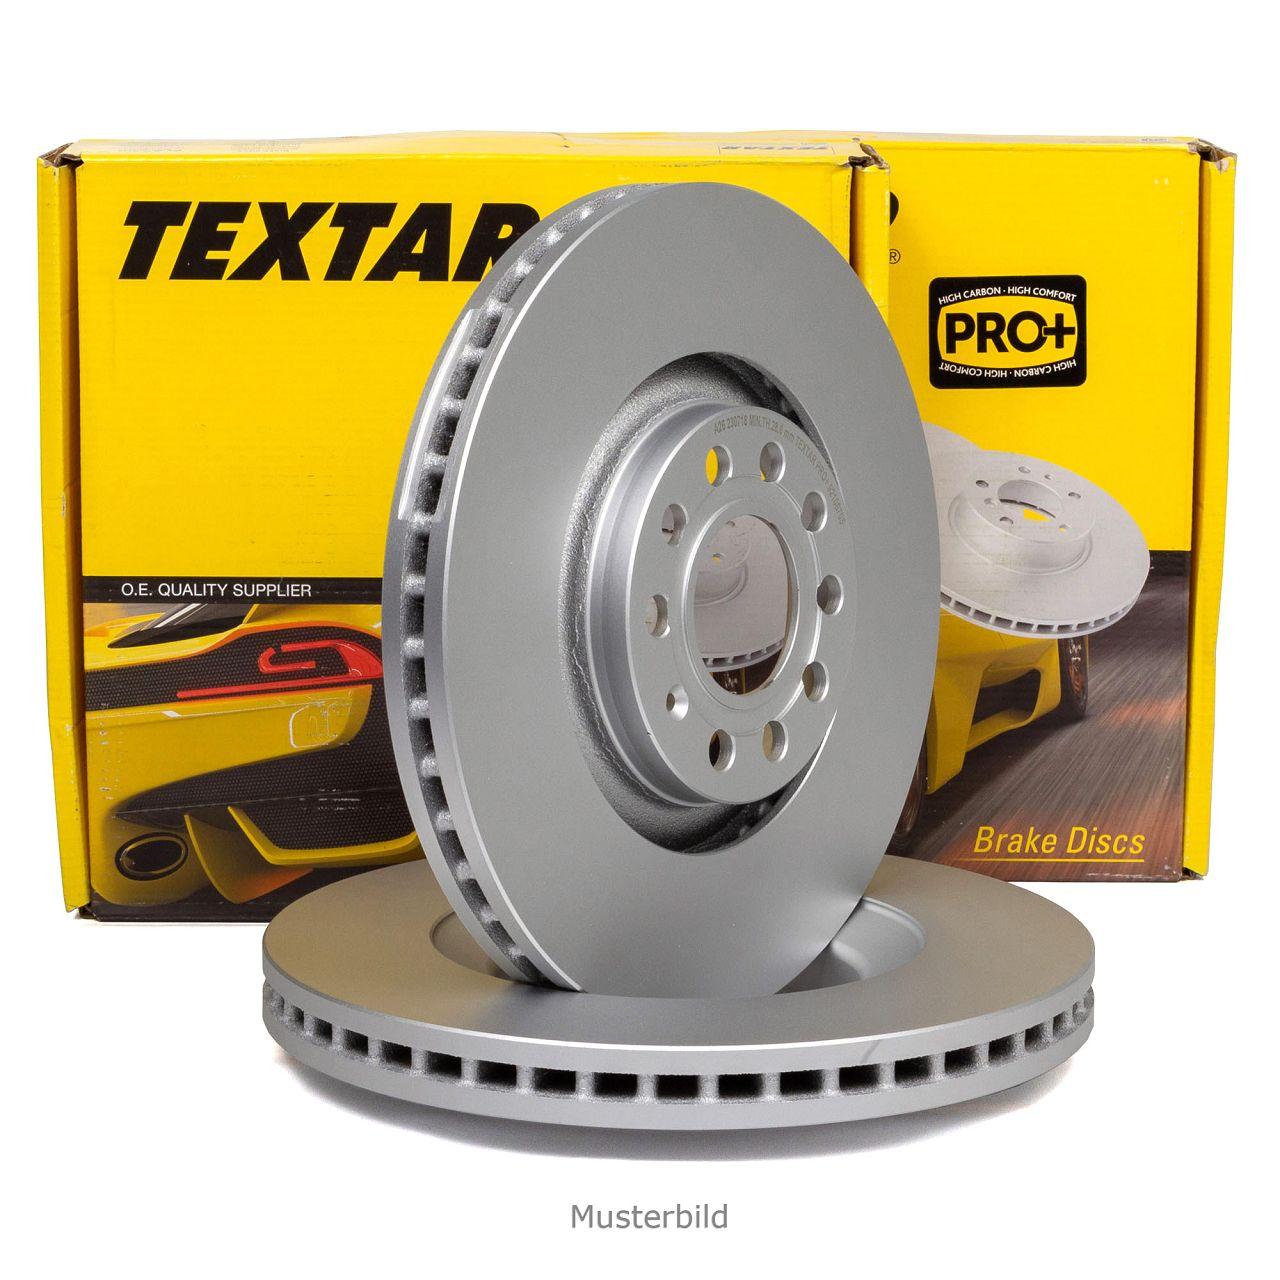 Textar Bremsscheiben 320 mm Textar Bremsbeläge vorne Audi A6 Allroad